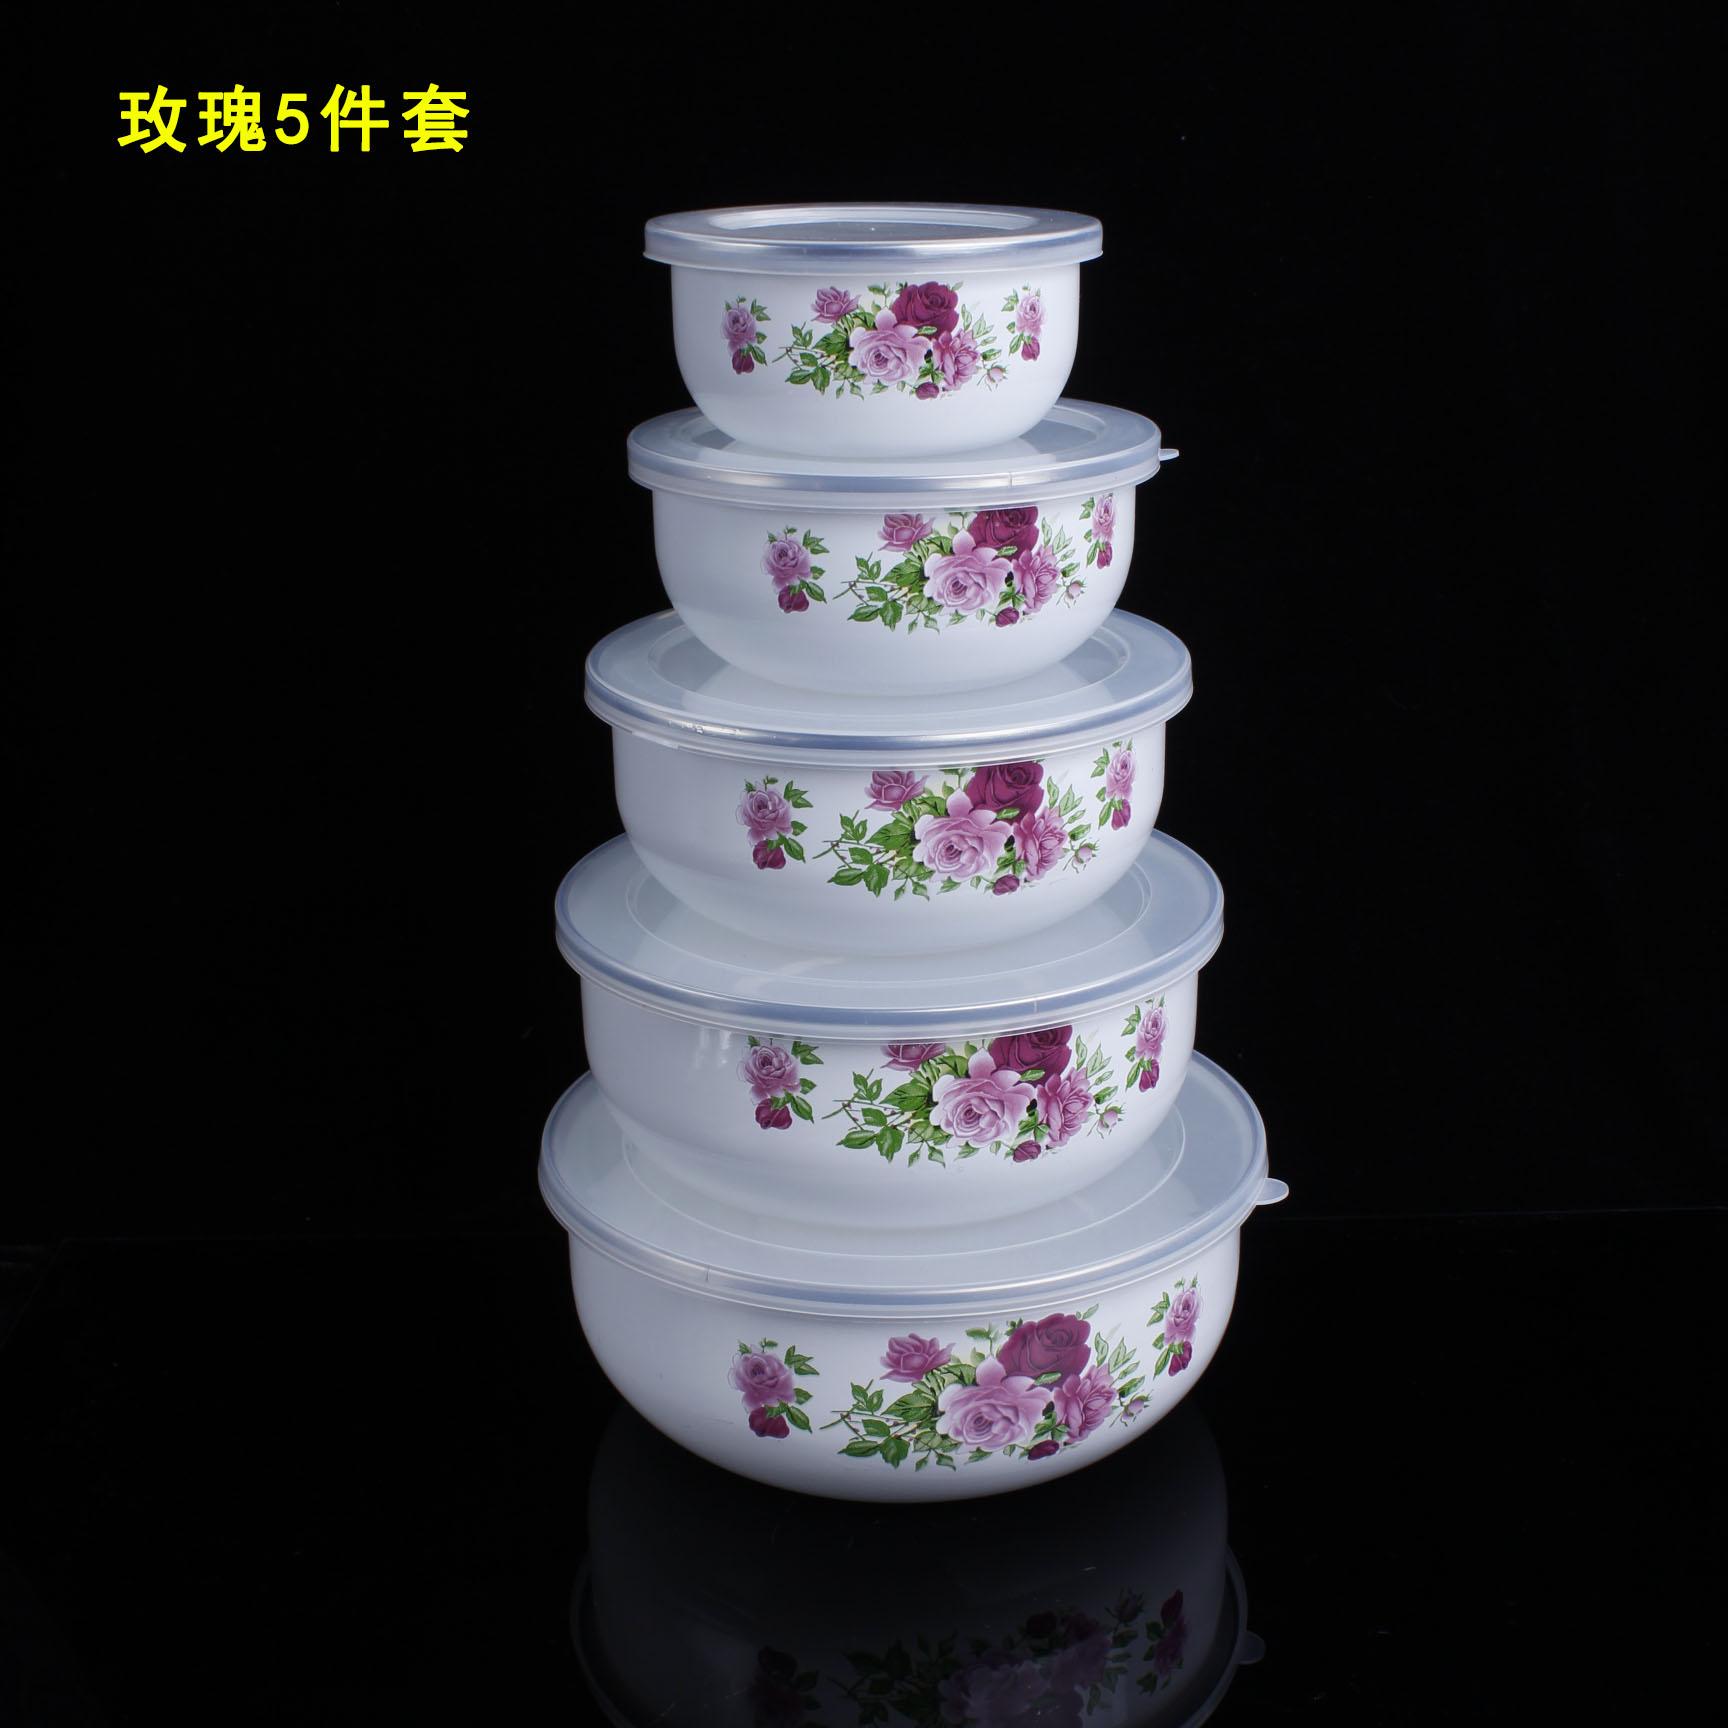 歐麗家 5件套搪瓷密封保鮮碗 帶蓋碗沙拉碗冰箱保鮮碗 搪瓷碗